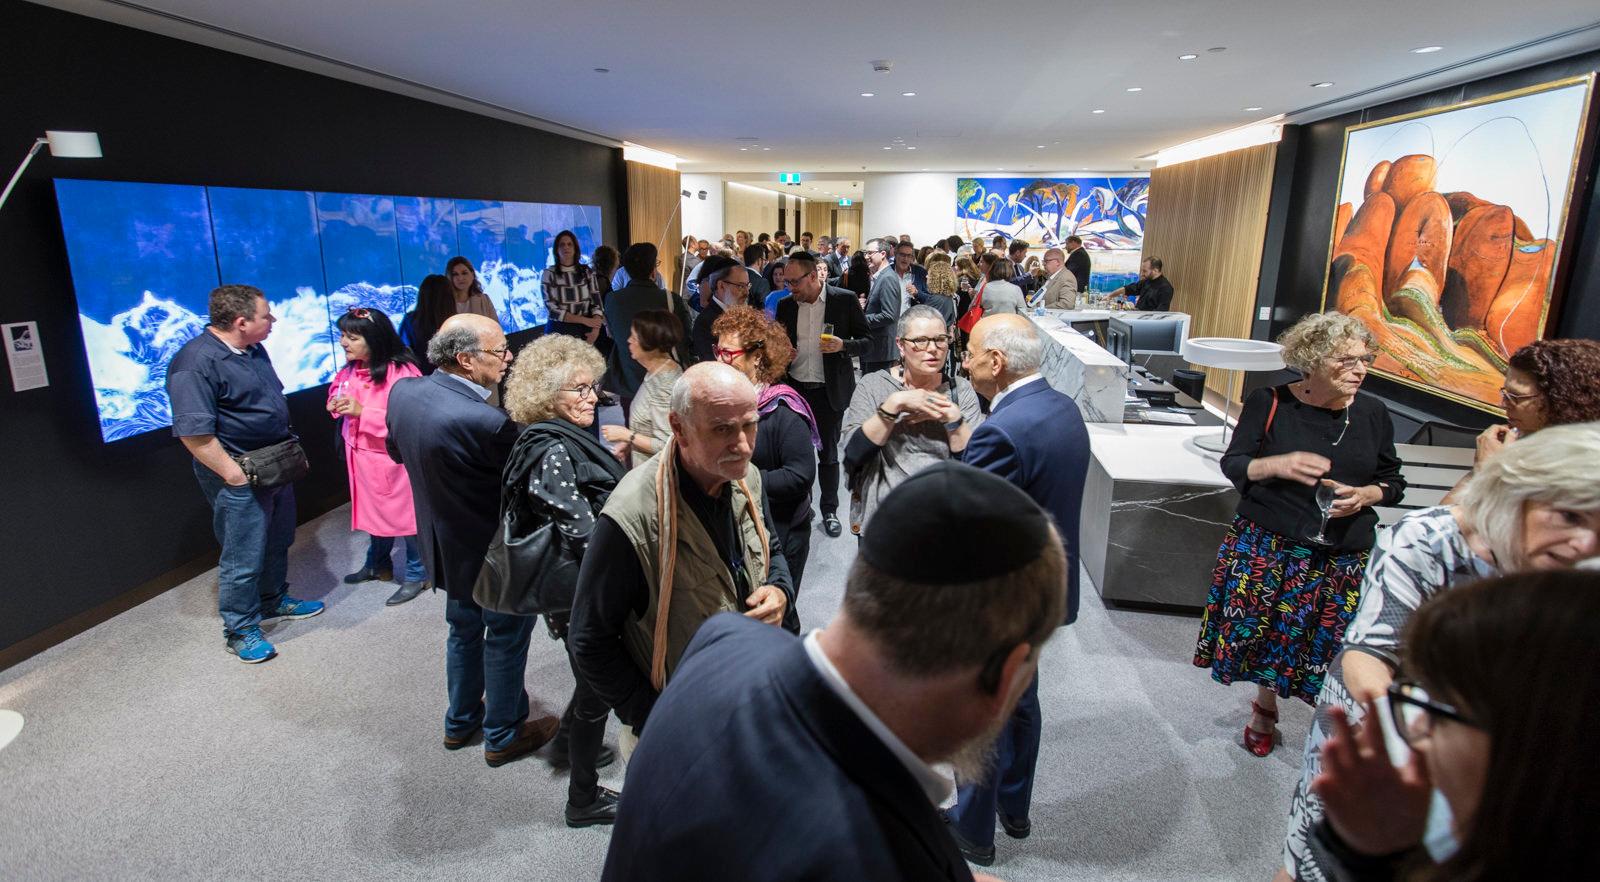 Guests at Gandel Gallery